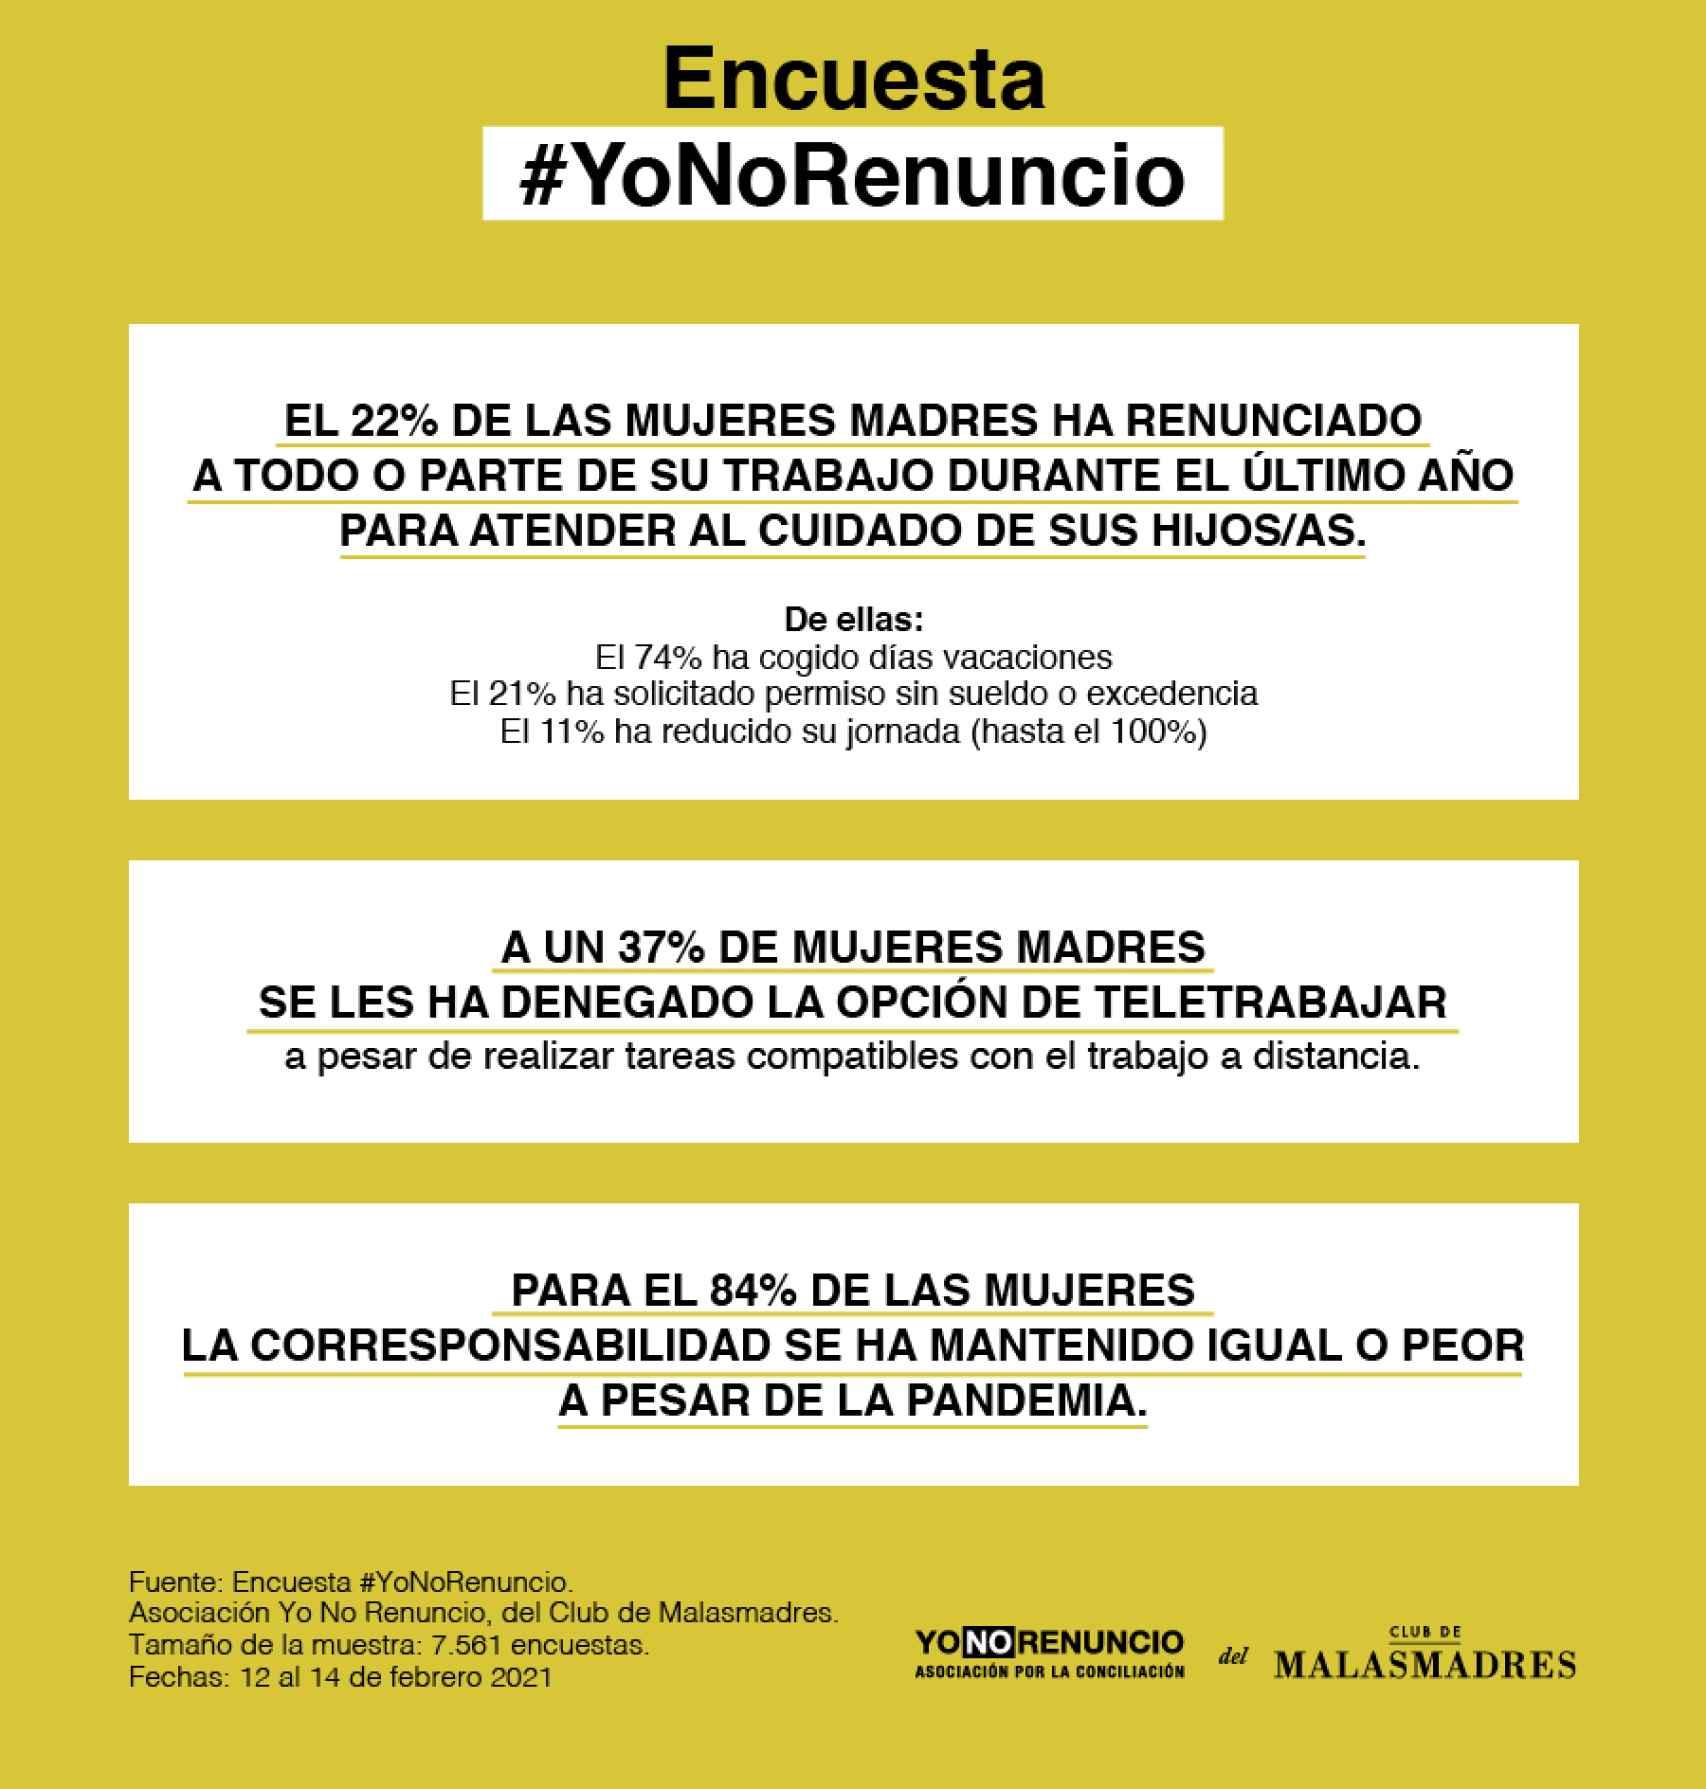 Gráfico de la campaña #YoNoRenuncio.